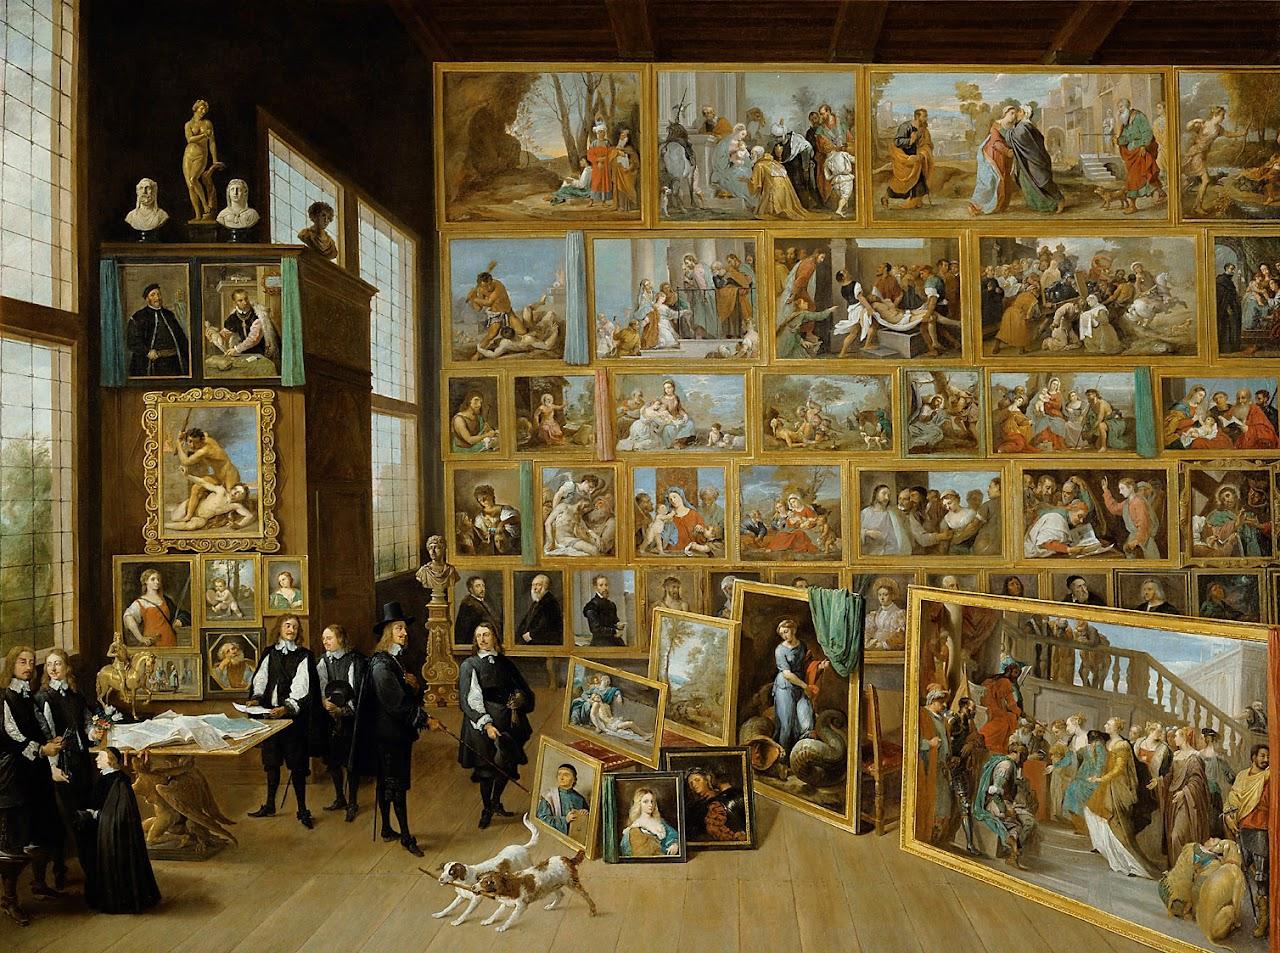 http://2.bp.blogspot.com/-1ECBJ6I_7OY/T0Z9S2fZ83I/AAAAAAAAATQ/vsKmimx61hY/s1280/Teniers+II,+David+-+1651+circa,+Erzherzog+Leopold+Wilhelm+in+seiner+Galerie+in+Br%C3%BCssel,+Kunsthistorisches+Museum+Wien.jpg